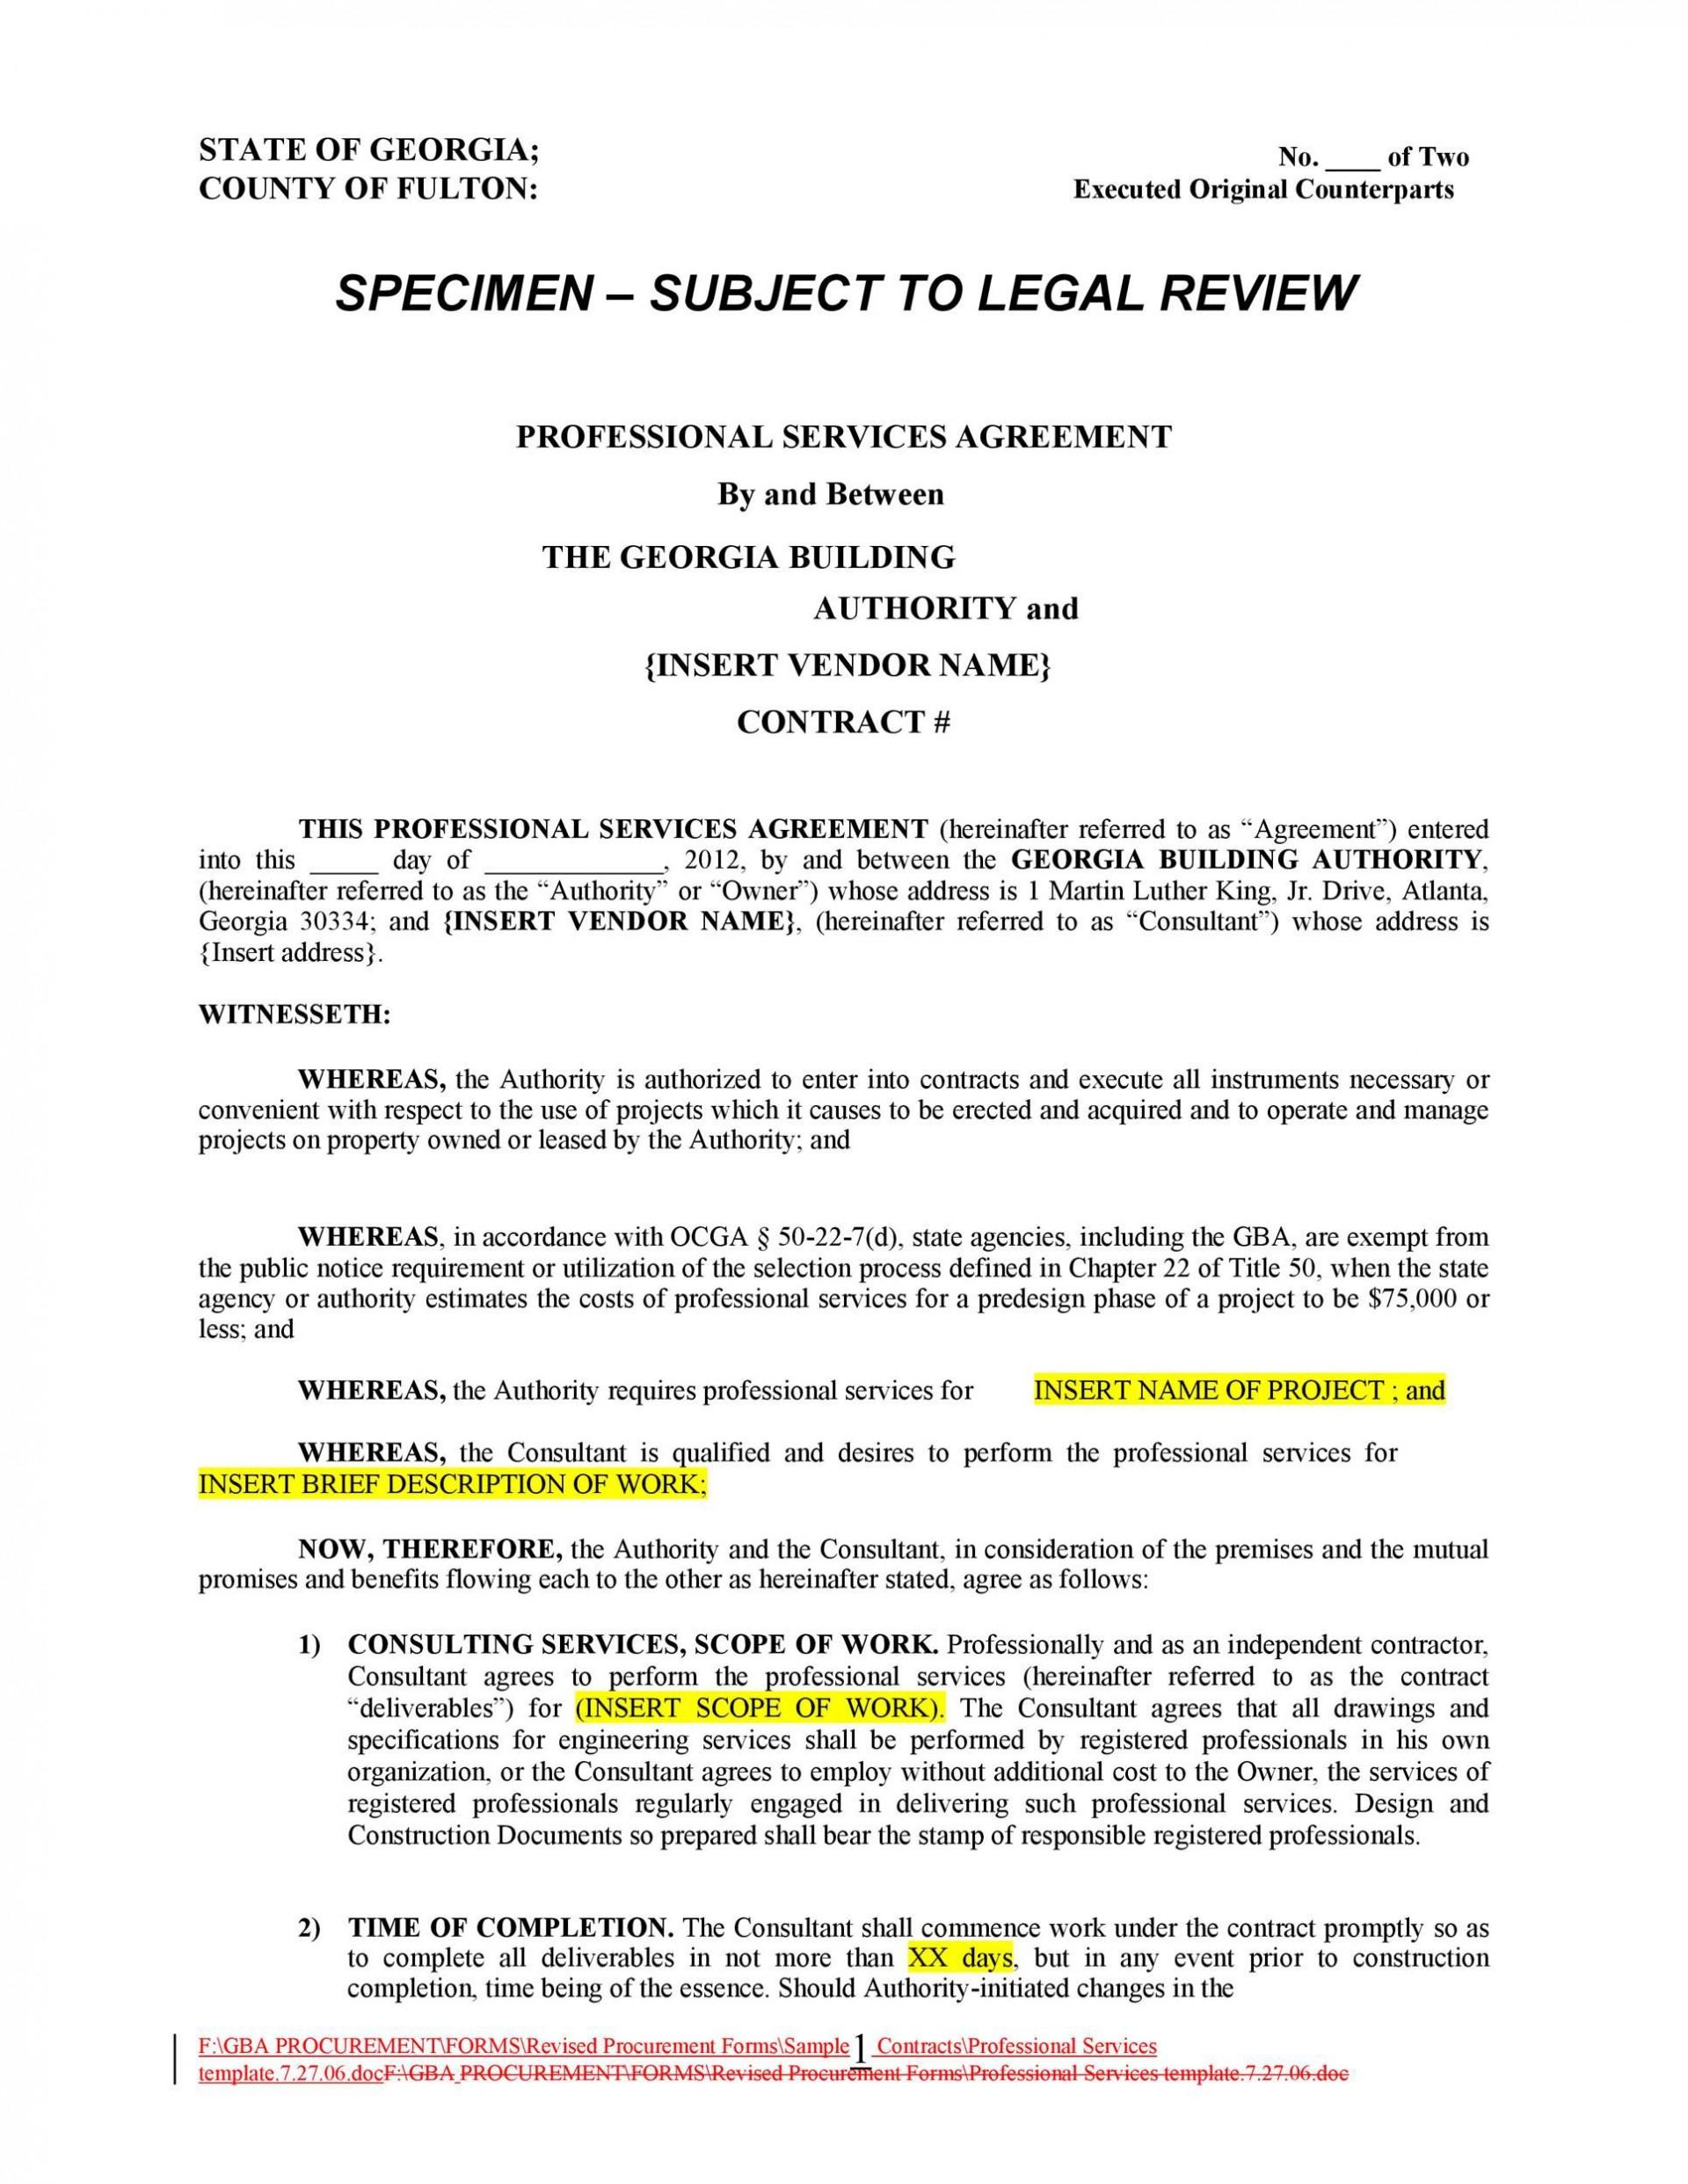 008 Stunning Service Level Agreement Template High Def  South Africa Nz For Website Development1920